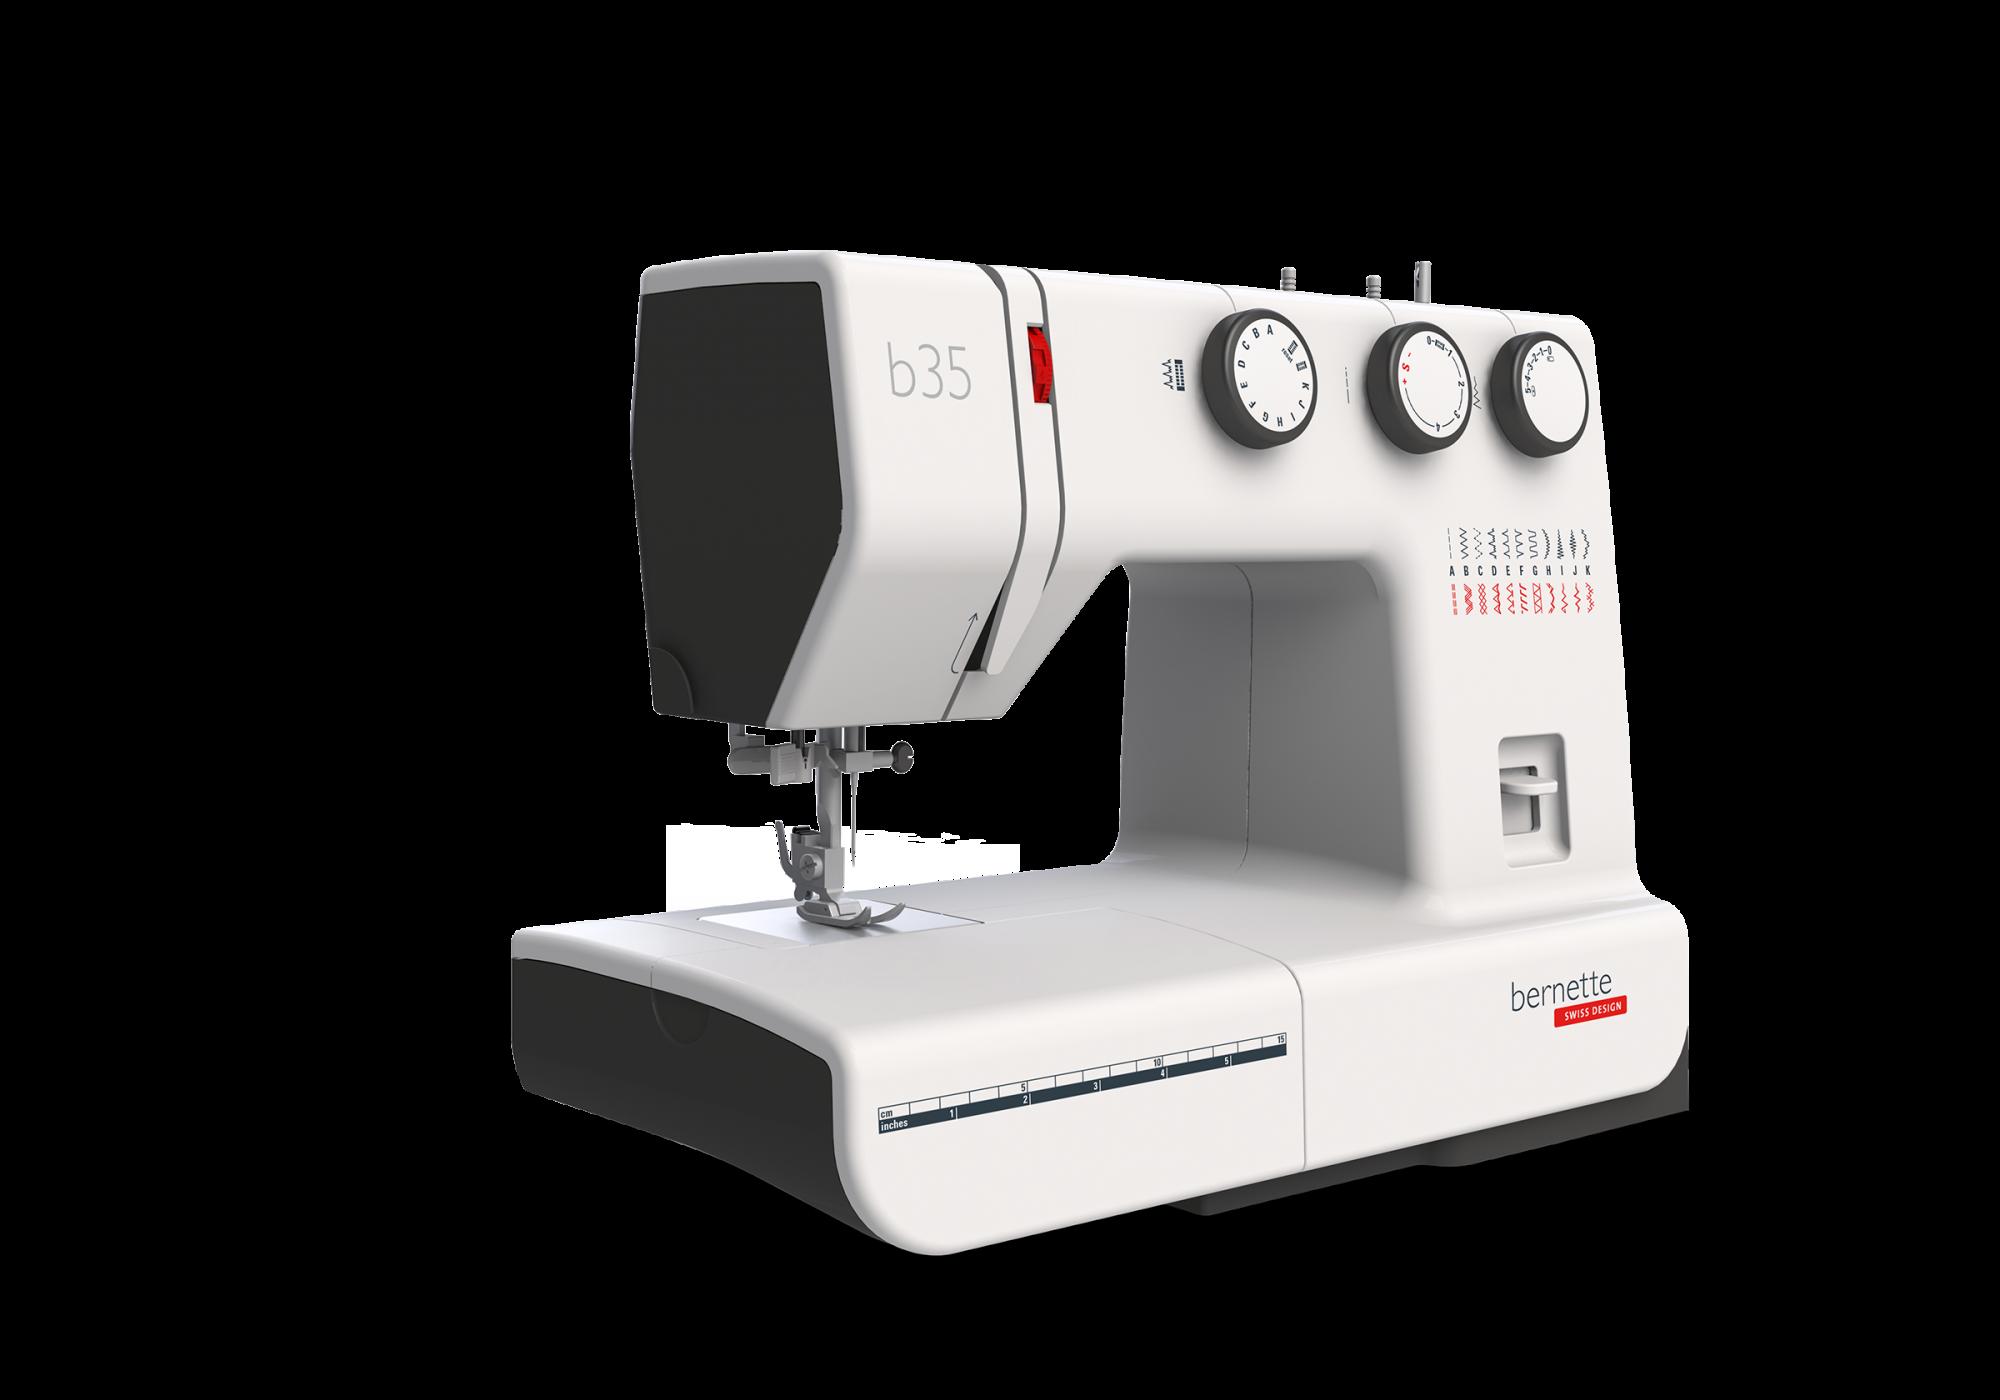 Bernette 35 Sewing Machine